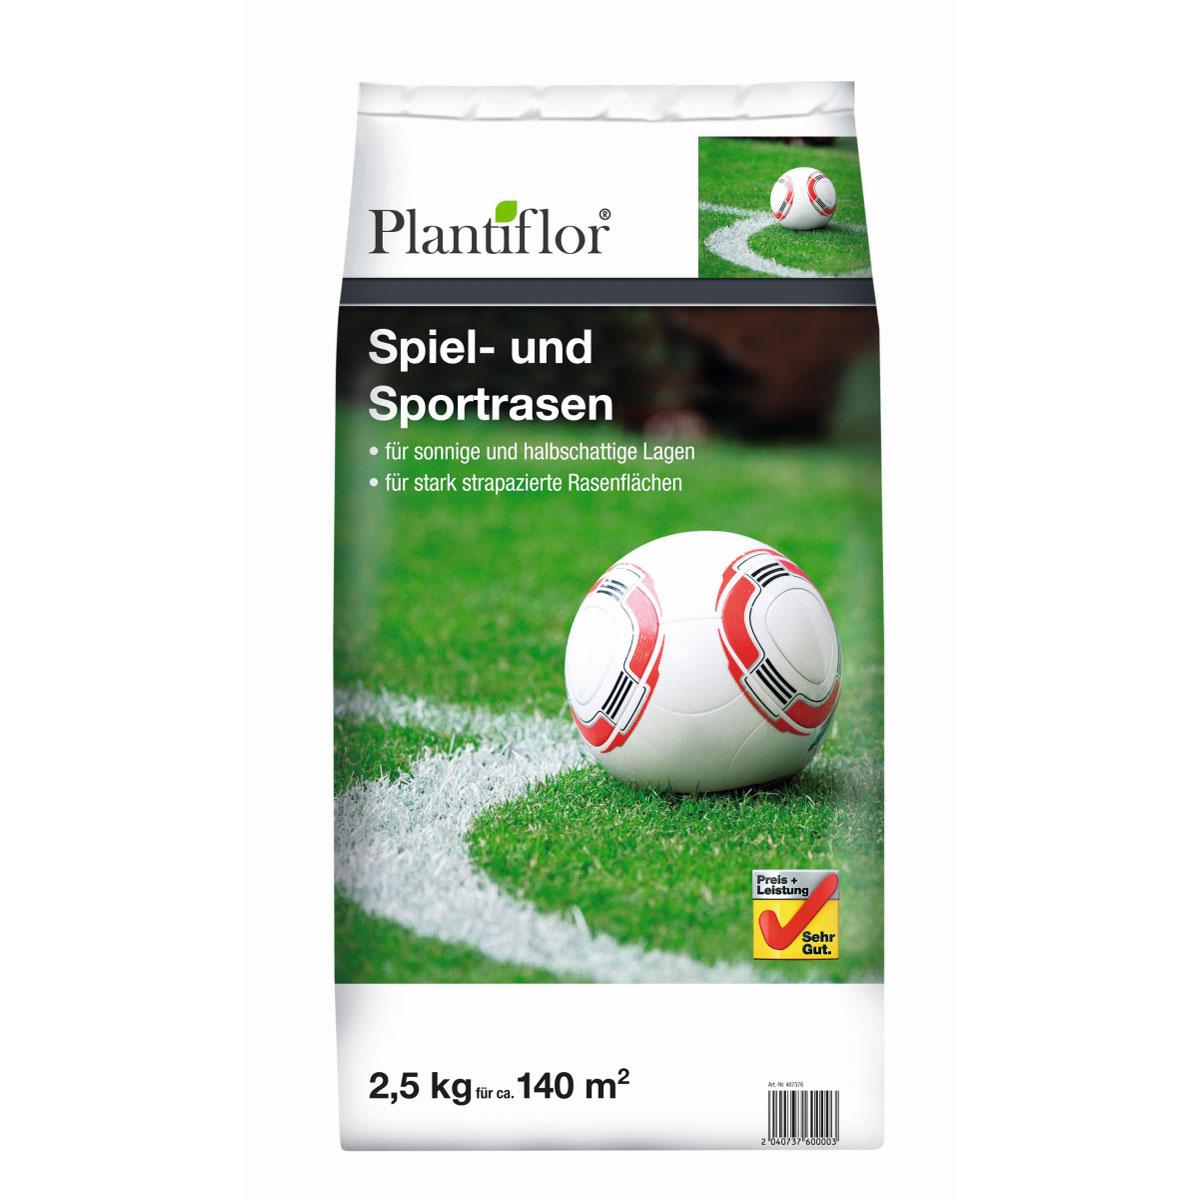 Plantiflor Spiel- und Sportrasensamen, 2,5kg